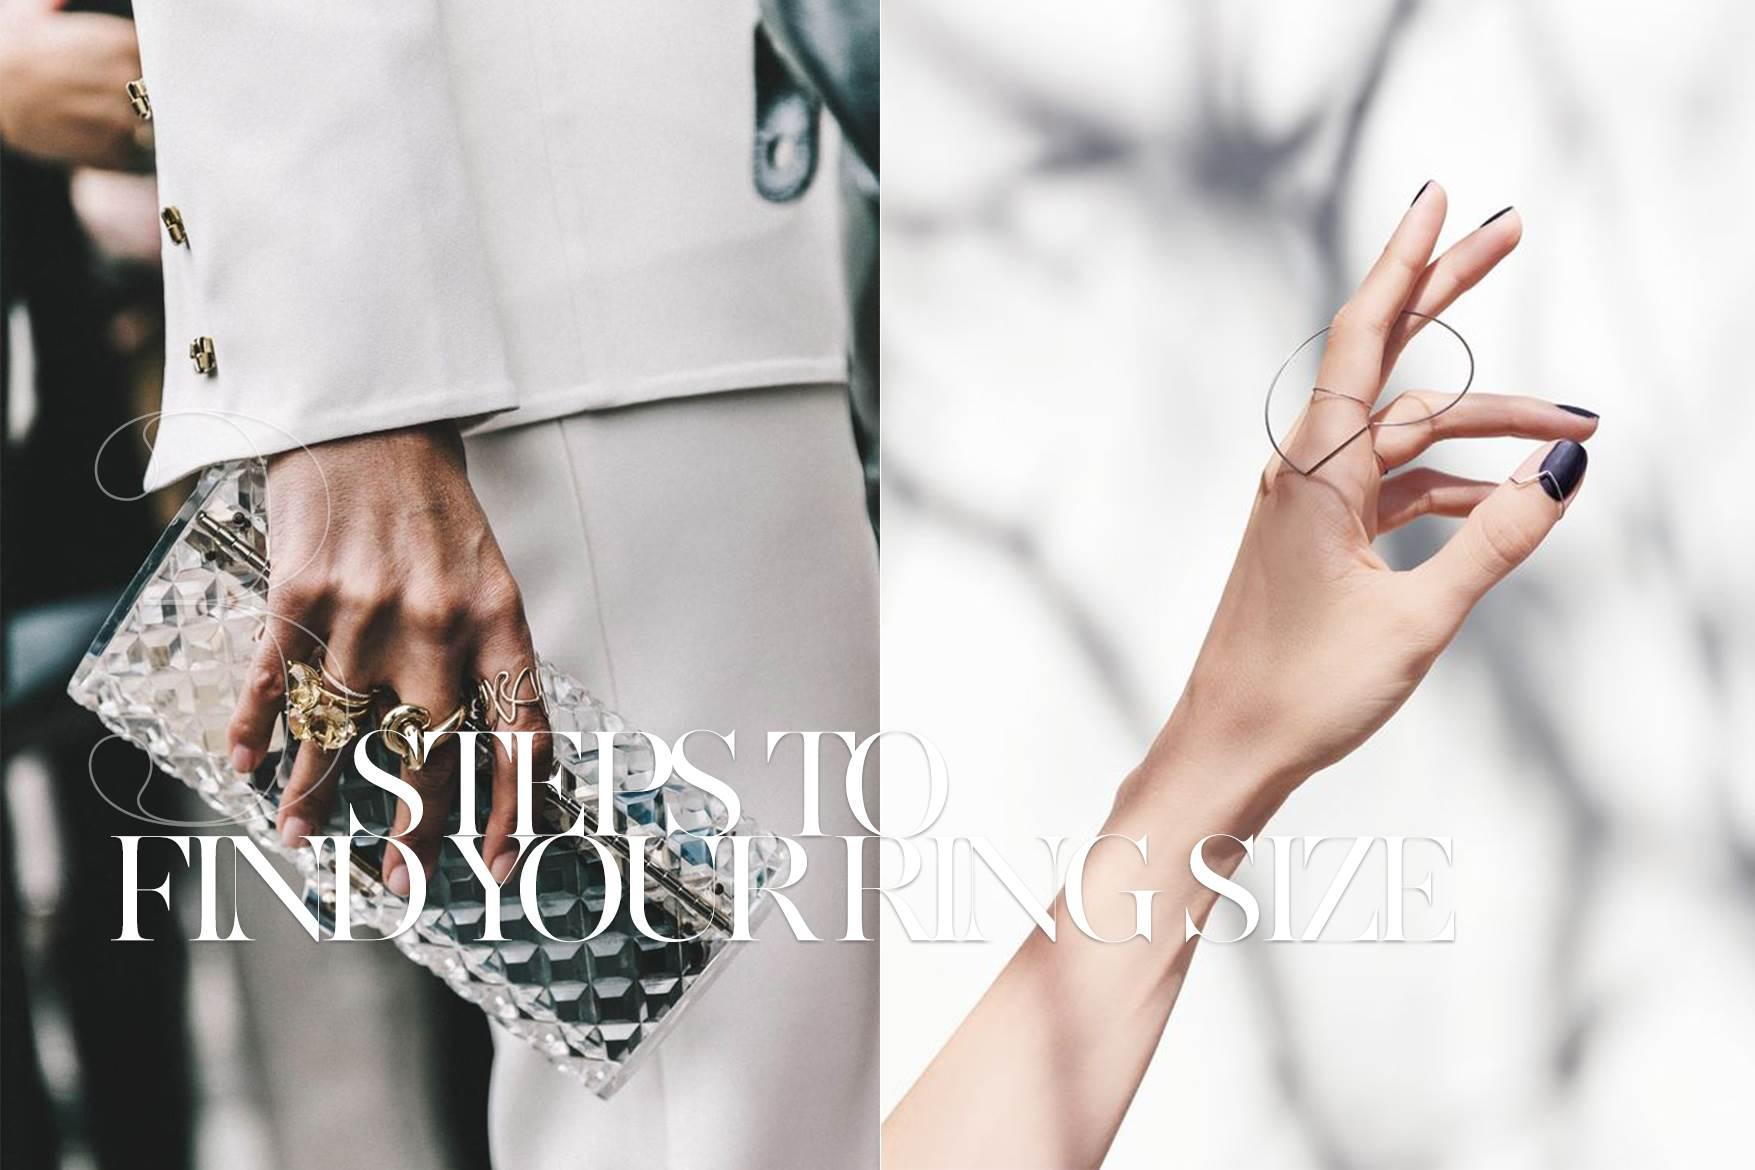 戒指也有分Size? 簡單3步驟,讓你找到自己的命定戒指尺寸!